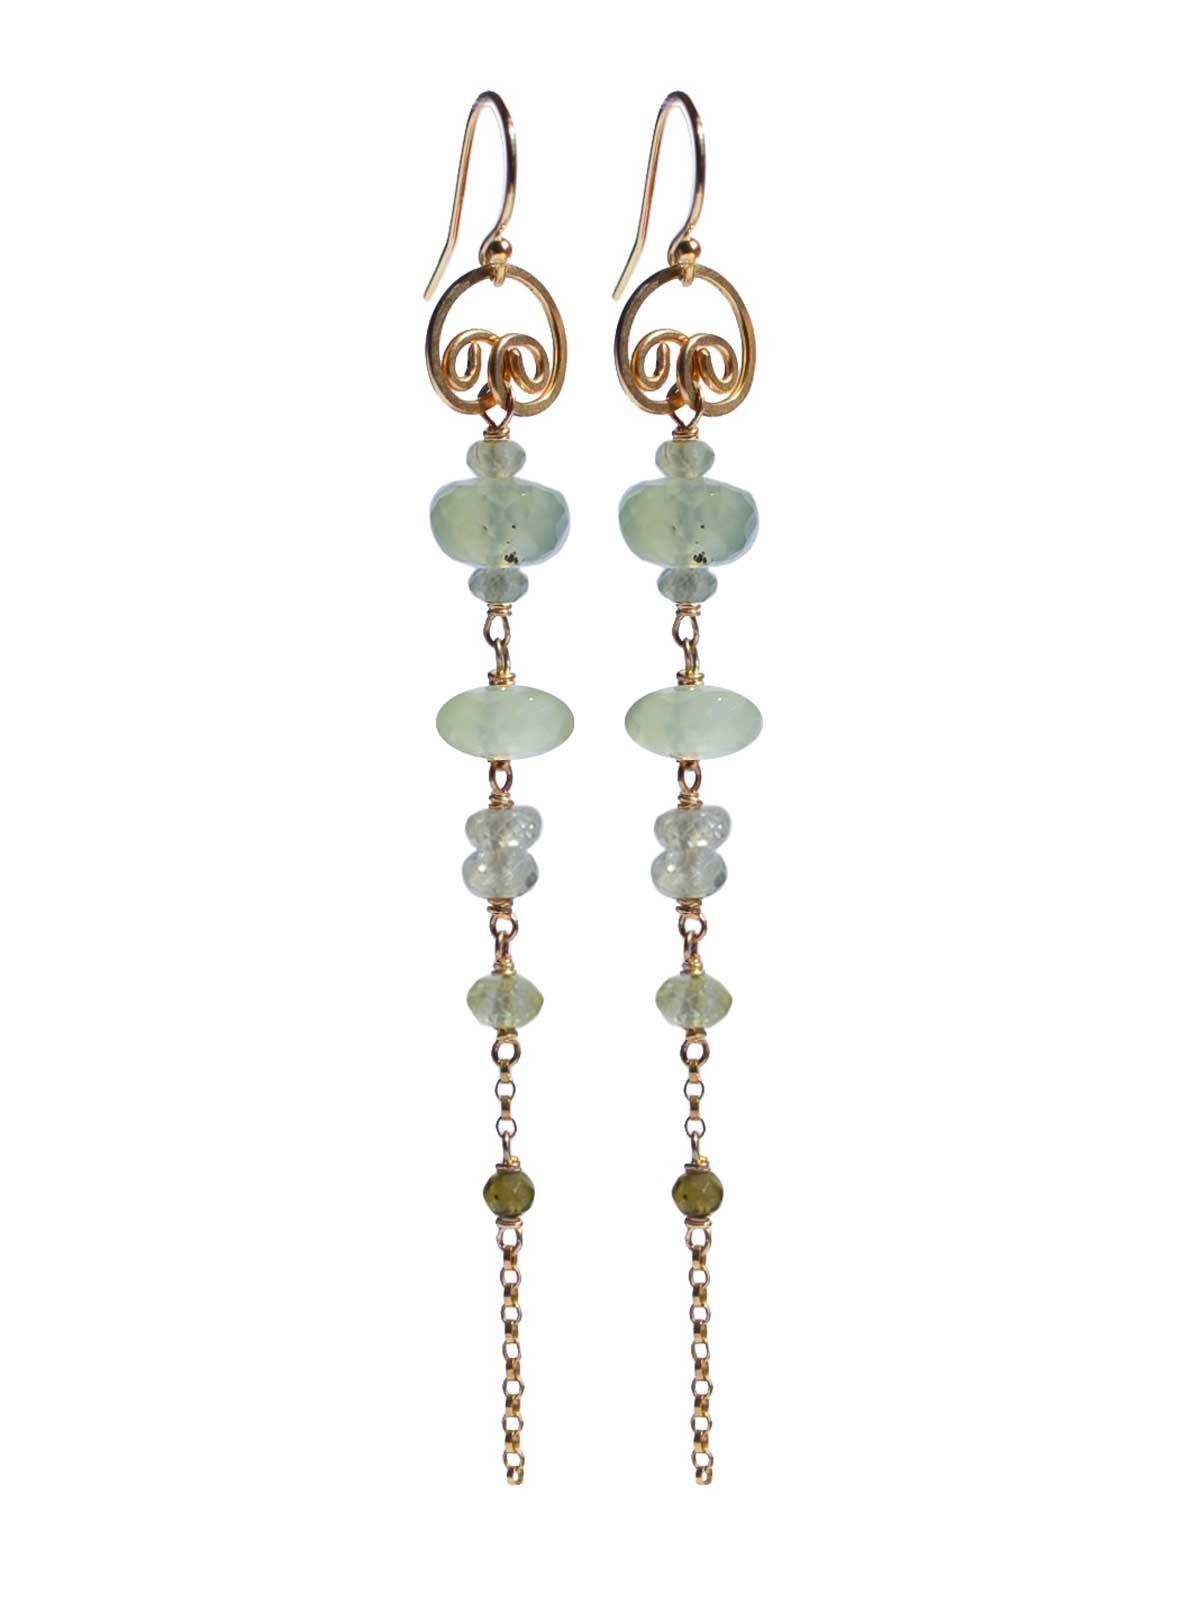 Earrings in 14K Gold-filled Prehnite Tourmaline